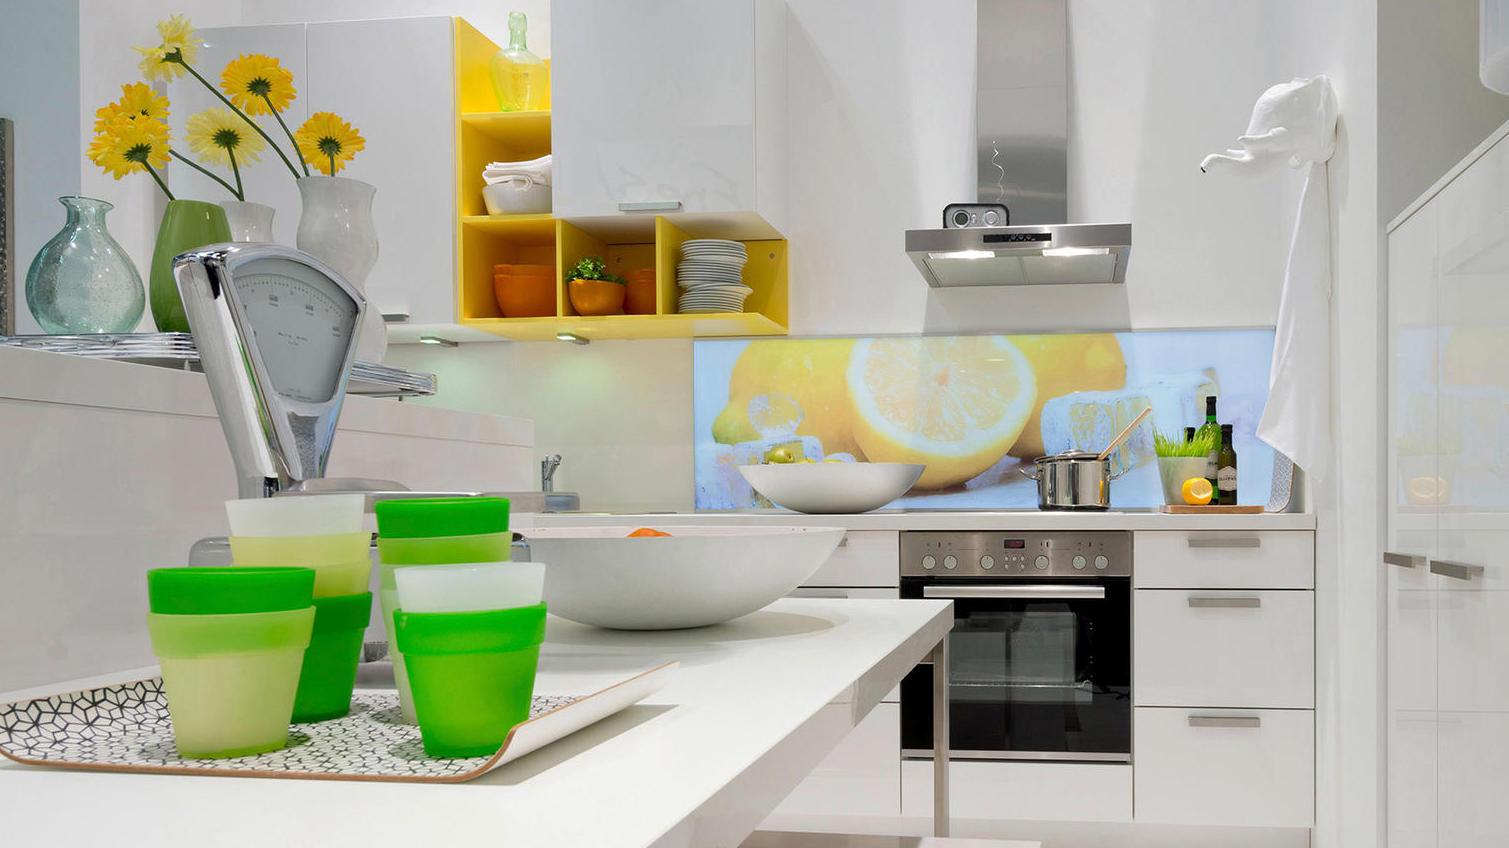 Full Size of Küchen Quelle Fliesenspiegel In Der Kche Das Sind Alternativen Regal Wohnzimmer Küchen Quelle